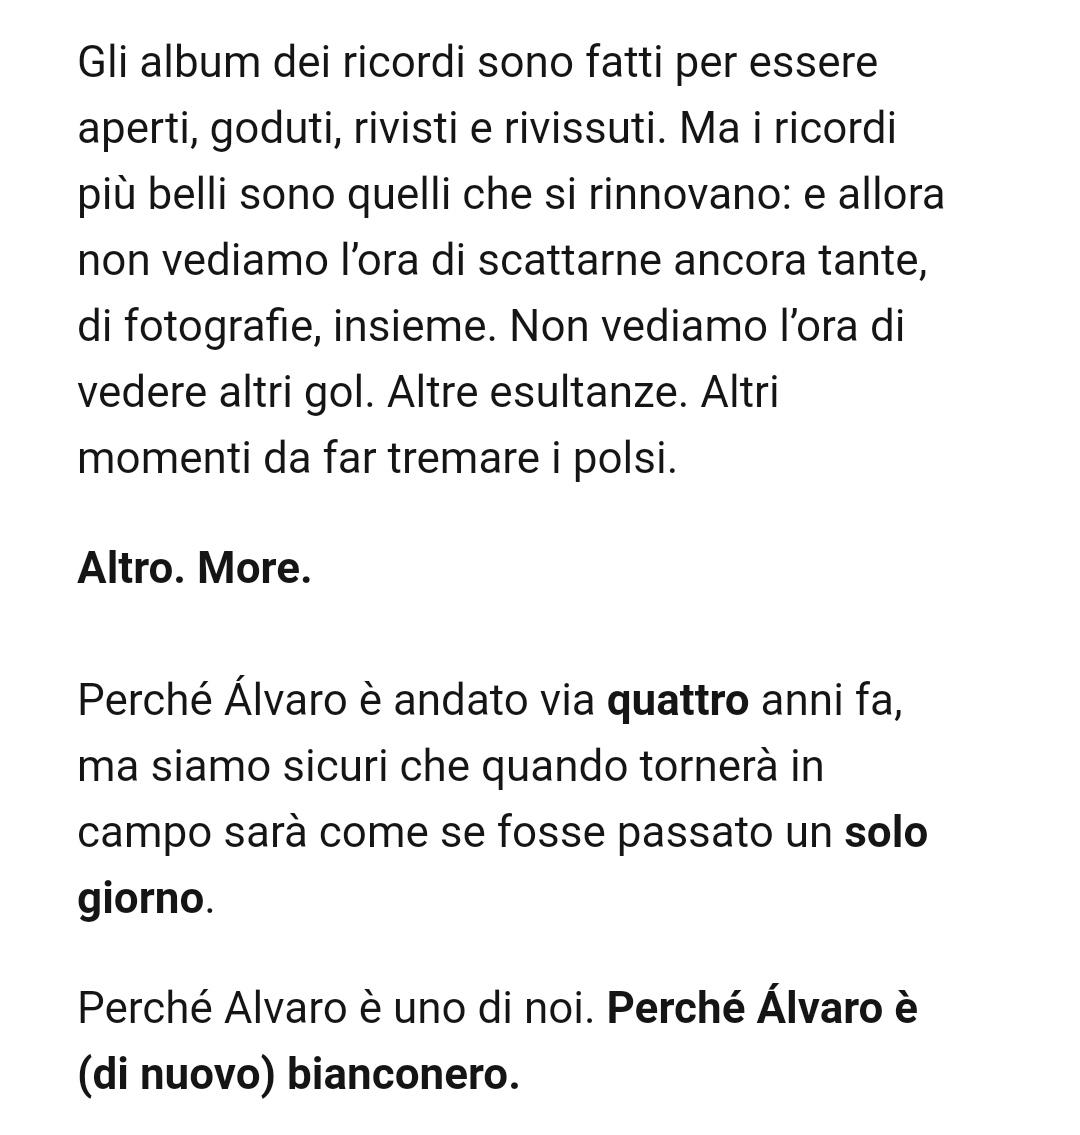 Buona notte Bianconeri ma ad @AlvaroMorata un po' di più 🥰 🥰🥰  #FinoAllaFine  #ForzaJuve https://t.co/0cfv3953EL